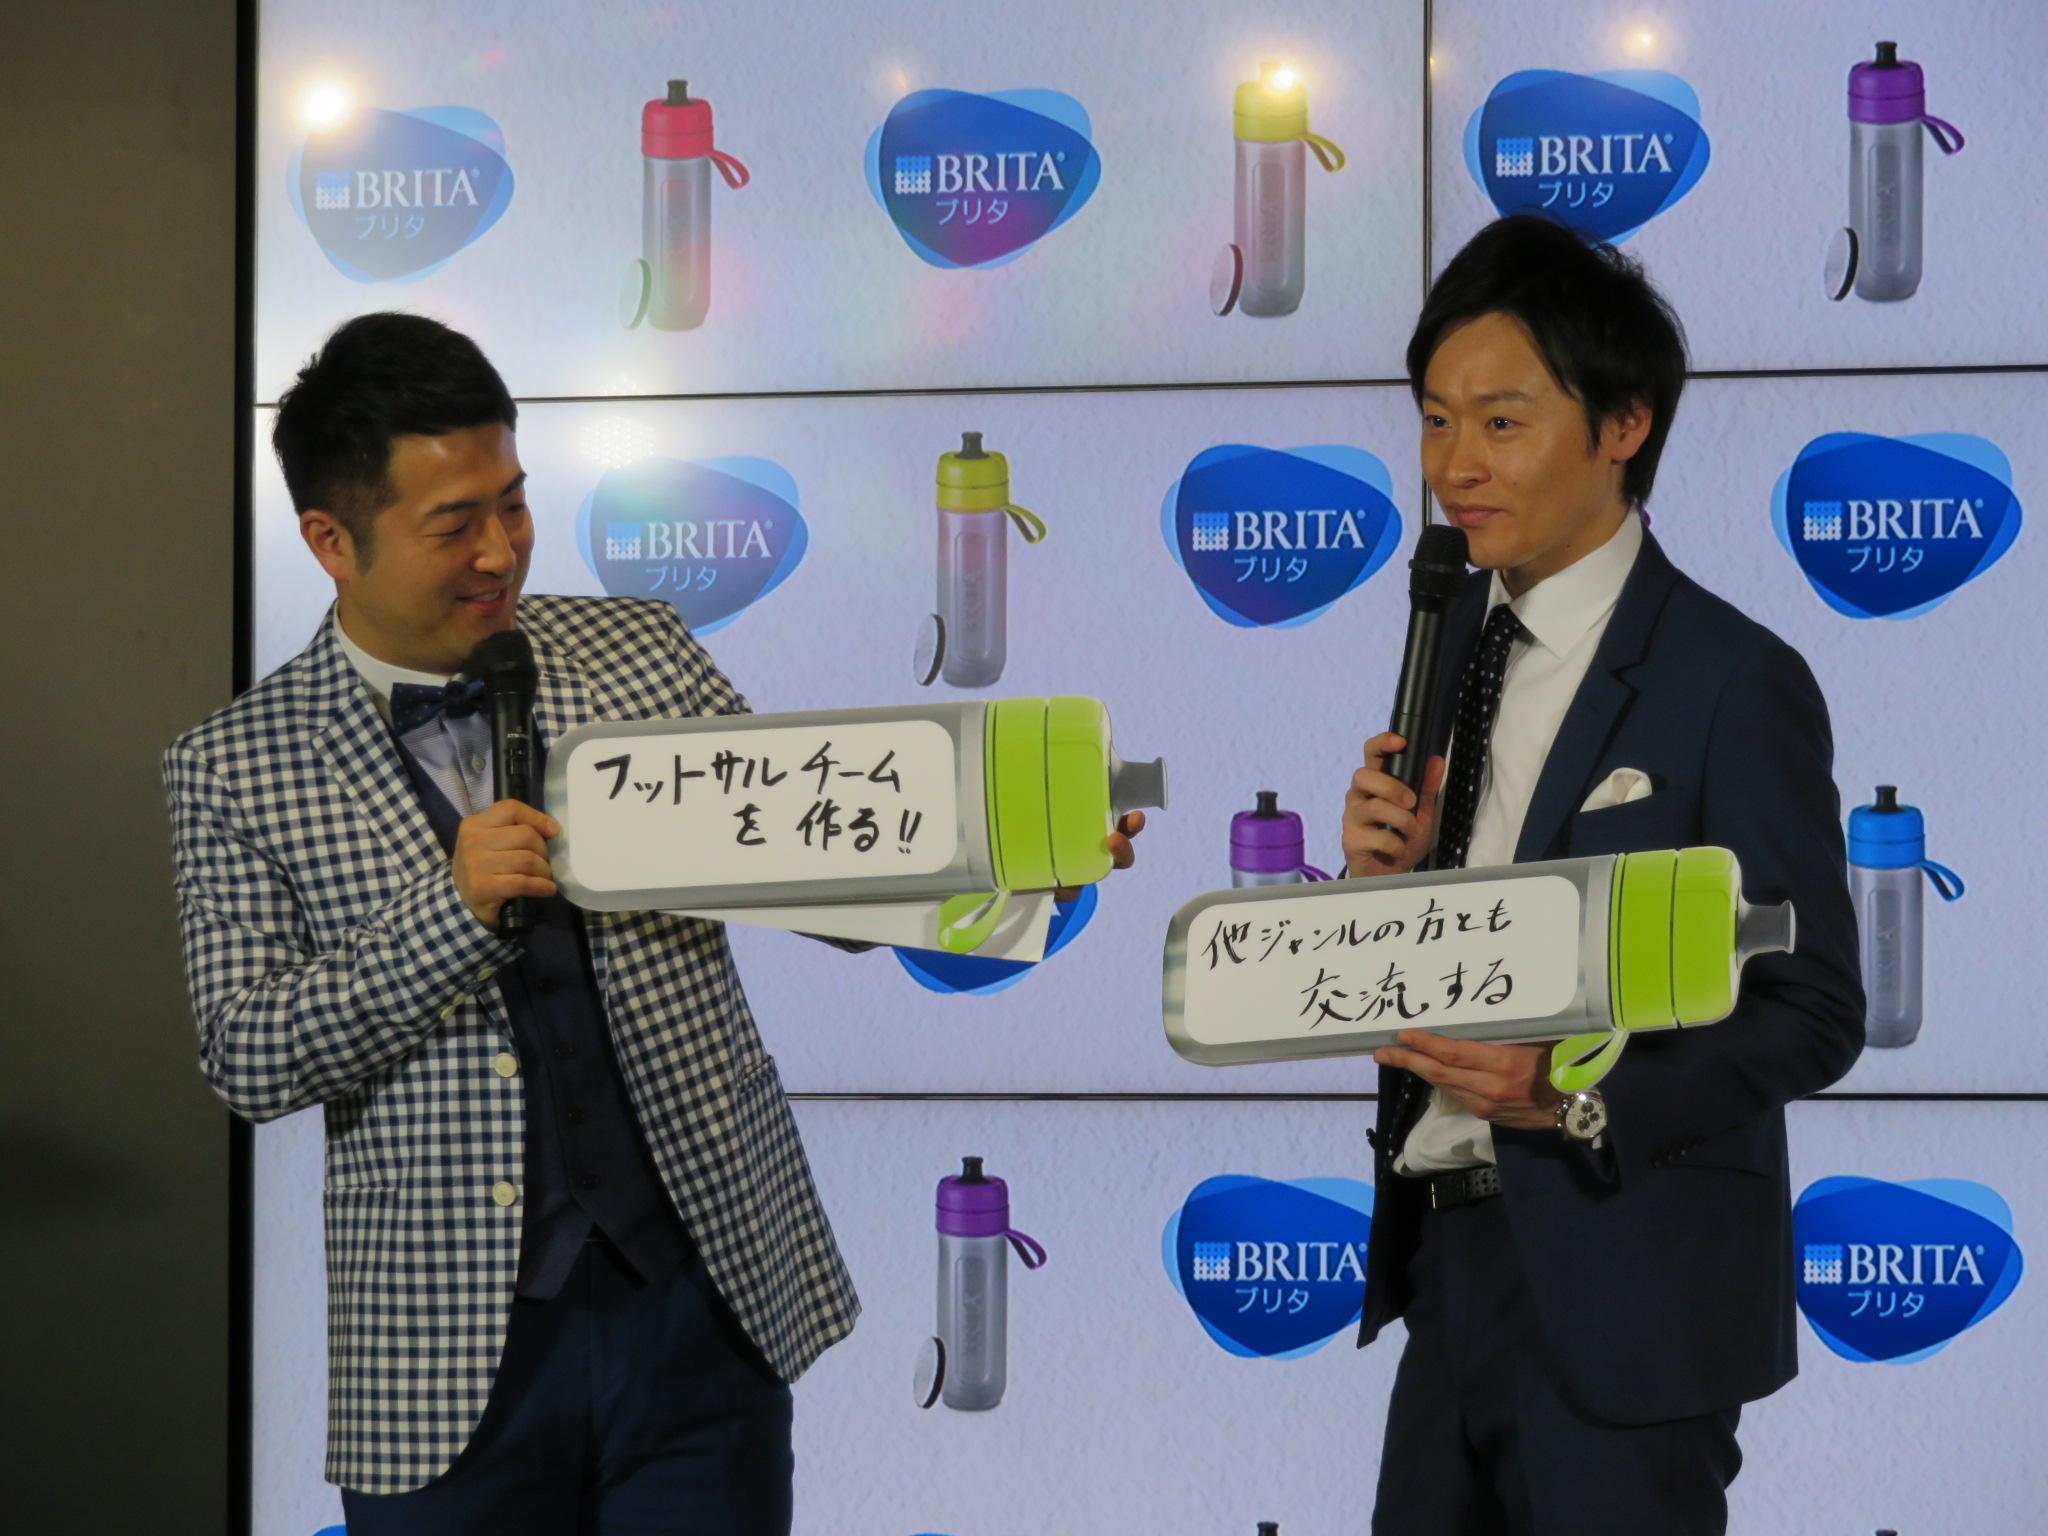 http://news.yoshimoto.co.jp/20180207190847-5b99ce1f8d0977633e251d566cba249f56451e0d.jpg